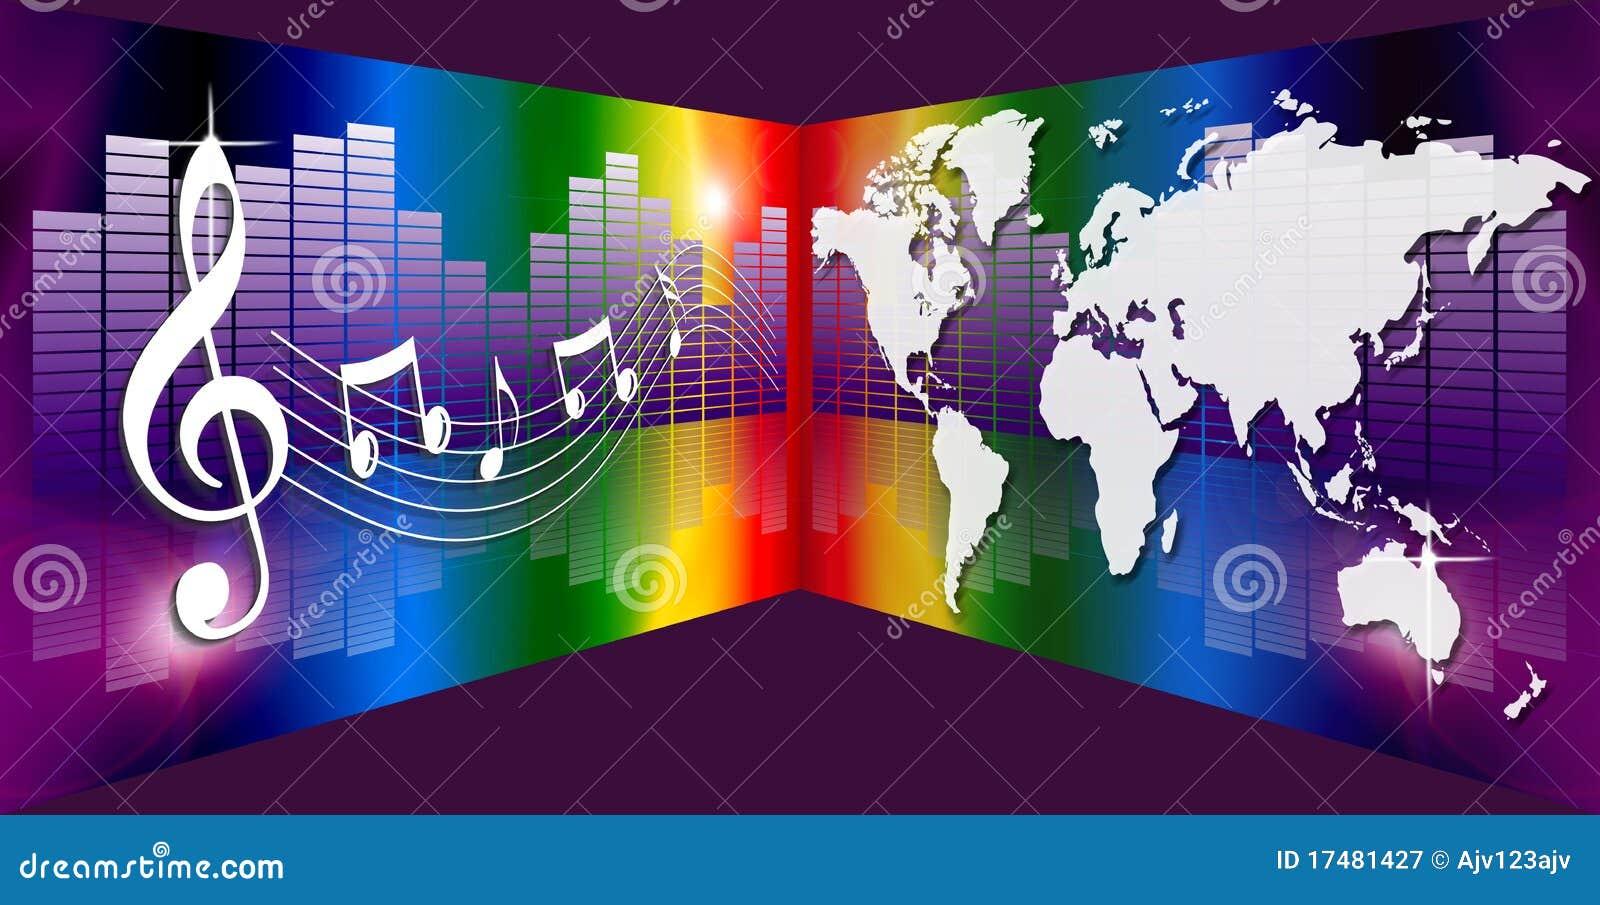 Música gráfica do mundo do equalizador do espectro